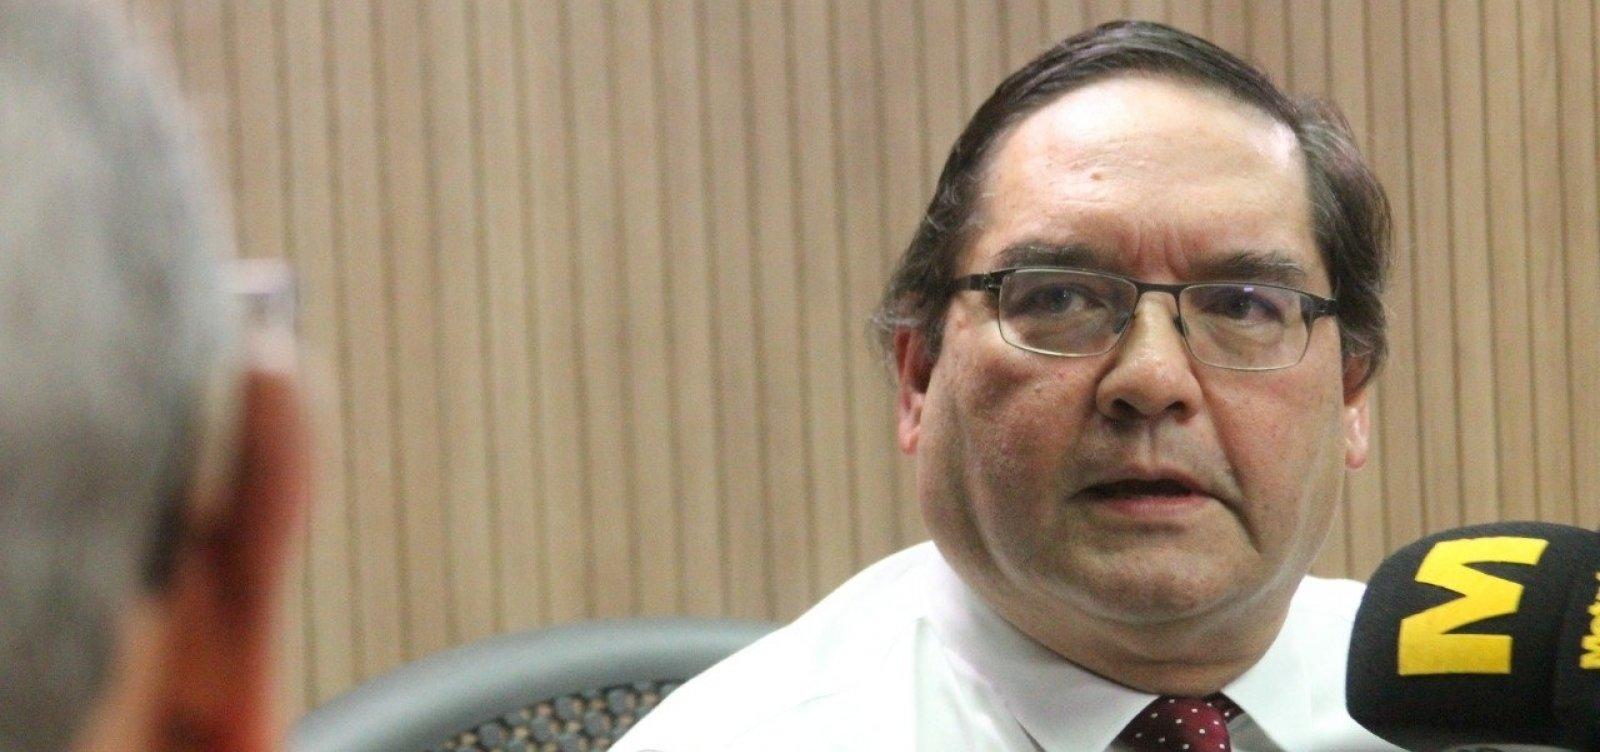 'É um risco muito grande', diz professor Raimundo Paraná sobre 'fake news' de vacinação